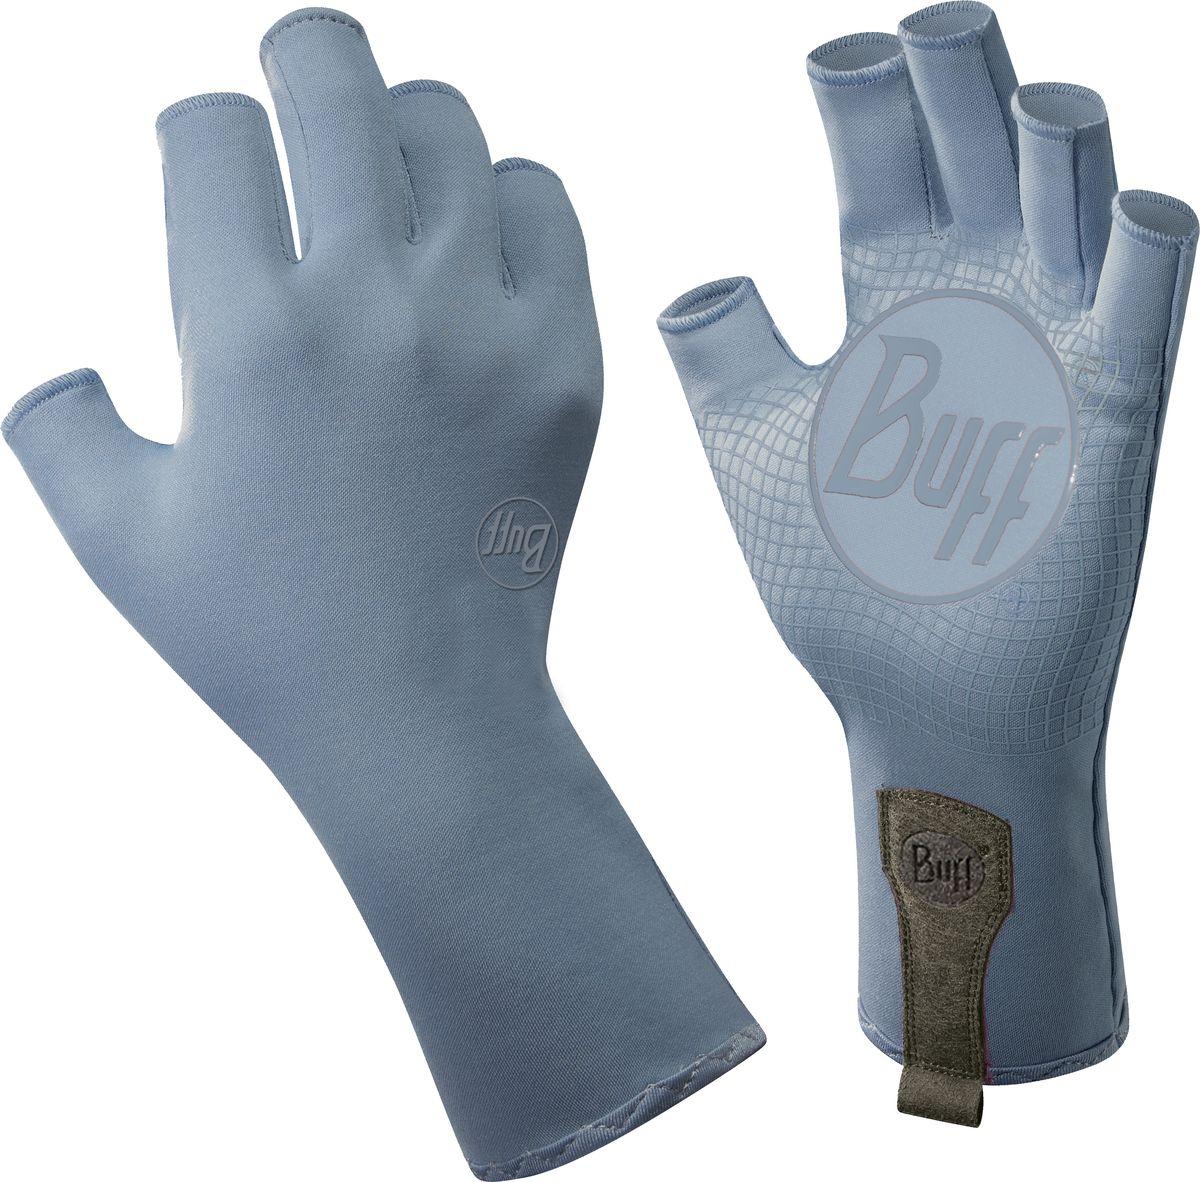 Watter Gloves Glacier BlueТехнологичные рыболовные перчатки с фактором защиты от солнца UPF 50+, прекрасно дышат. Выполнены из прочной стрейтчевой ткани. Повторяют все изгибы кисти. Ладонь перчатки покрыта силиконовым принтом. Пальцы перчатки отрезаны на 3/4. Удлиненная манжета. Состав: 95% нейлон, 5% лайкра; принт на ладони: 100% силикон, трикотаж